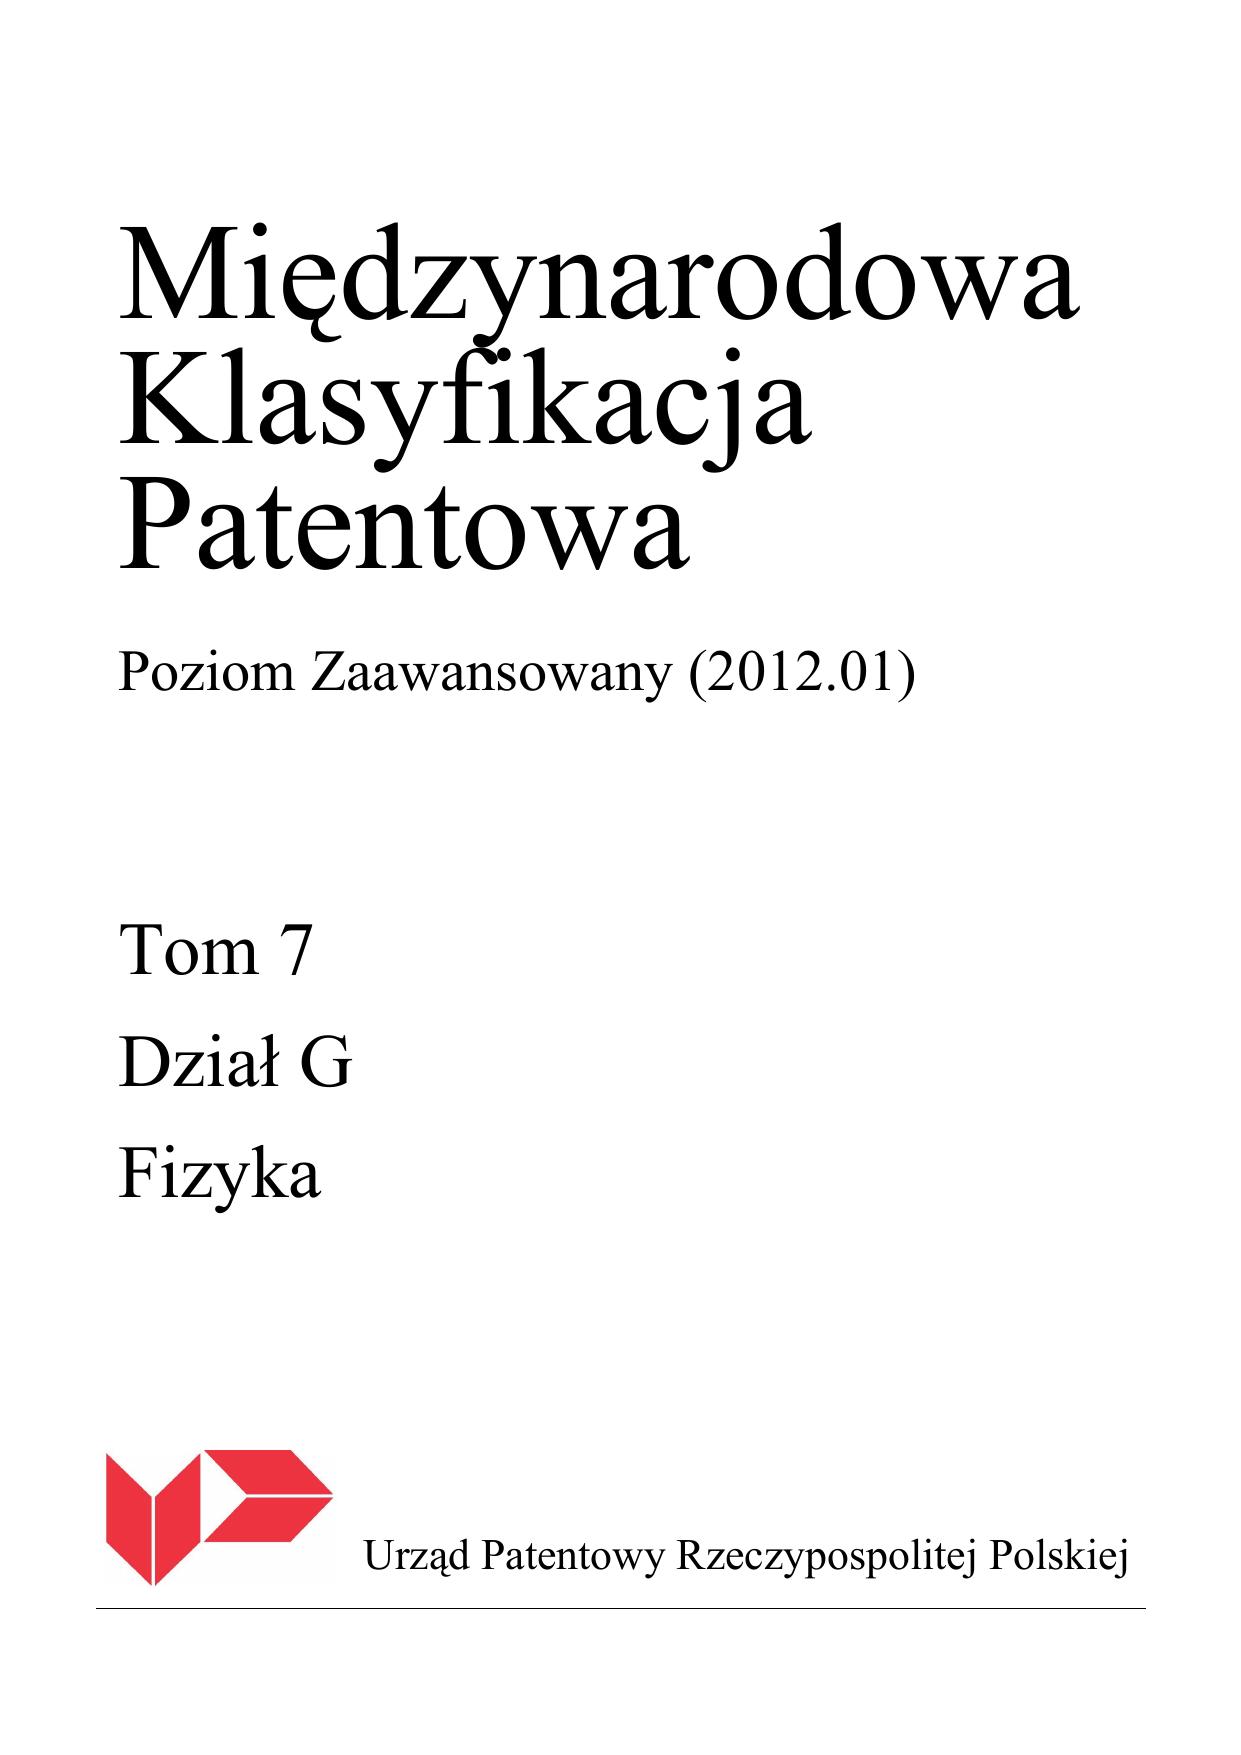 11863b8d21fc0 Międzynarodowa Klasyfikacja Patentowa Poziom Zaawansowany (2012.01) Tom 7  Dział G Fizyka Urząd Patentowy Rzeczypospolitej Polskiej G01B DZIAŁ G---  FIZYKA ...